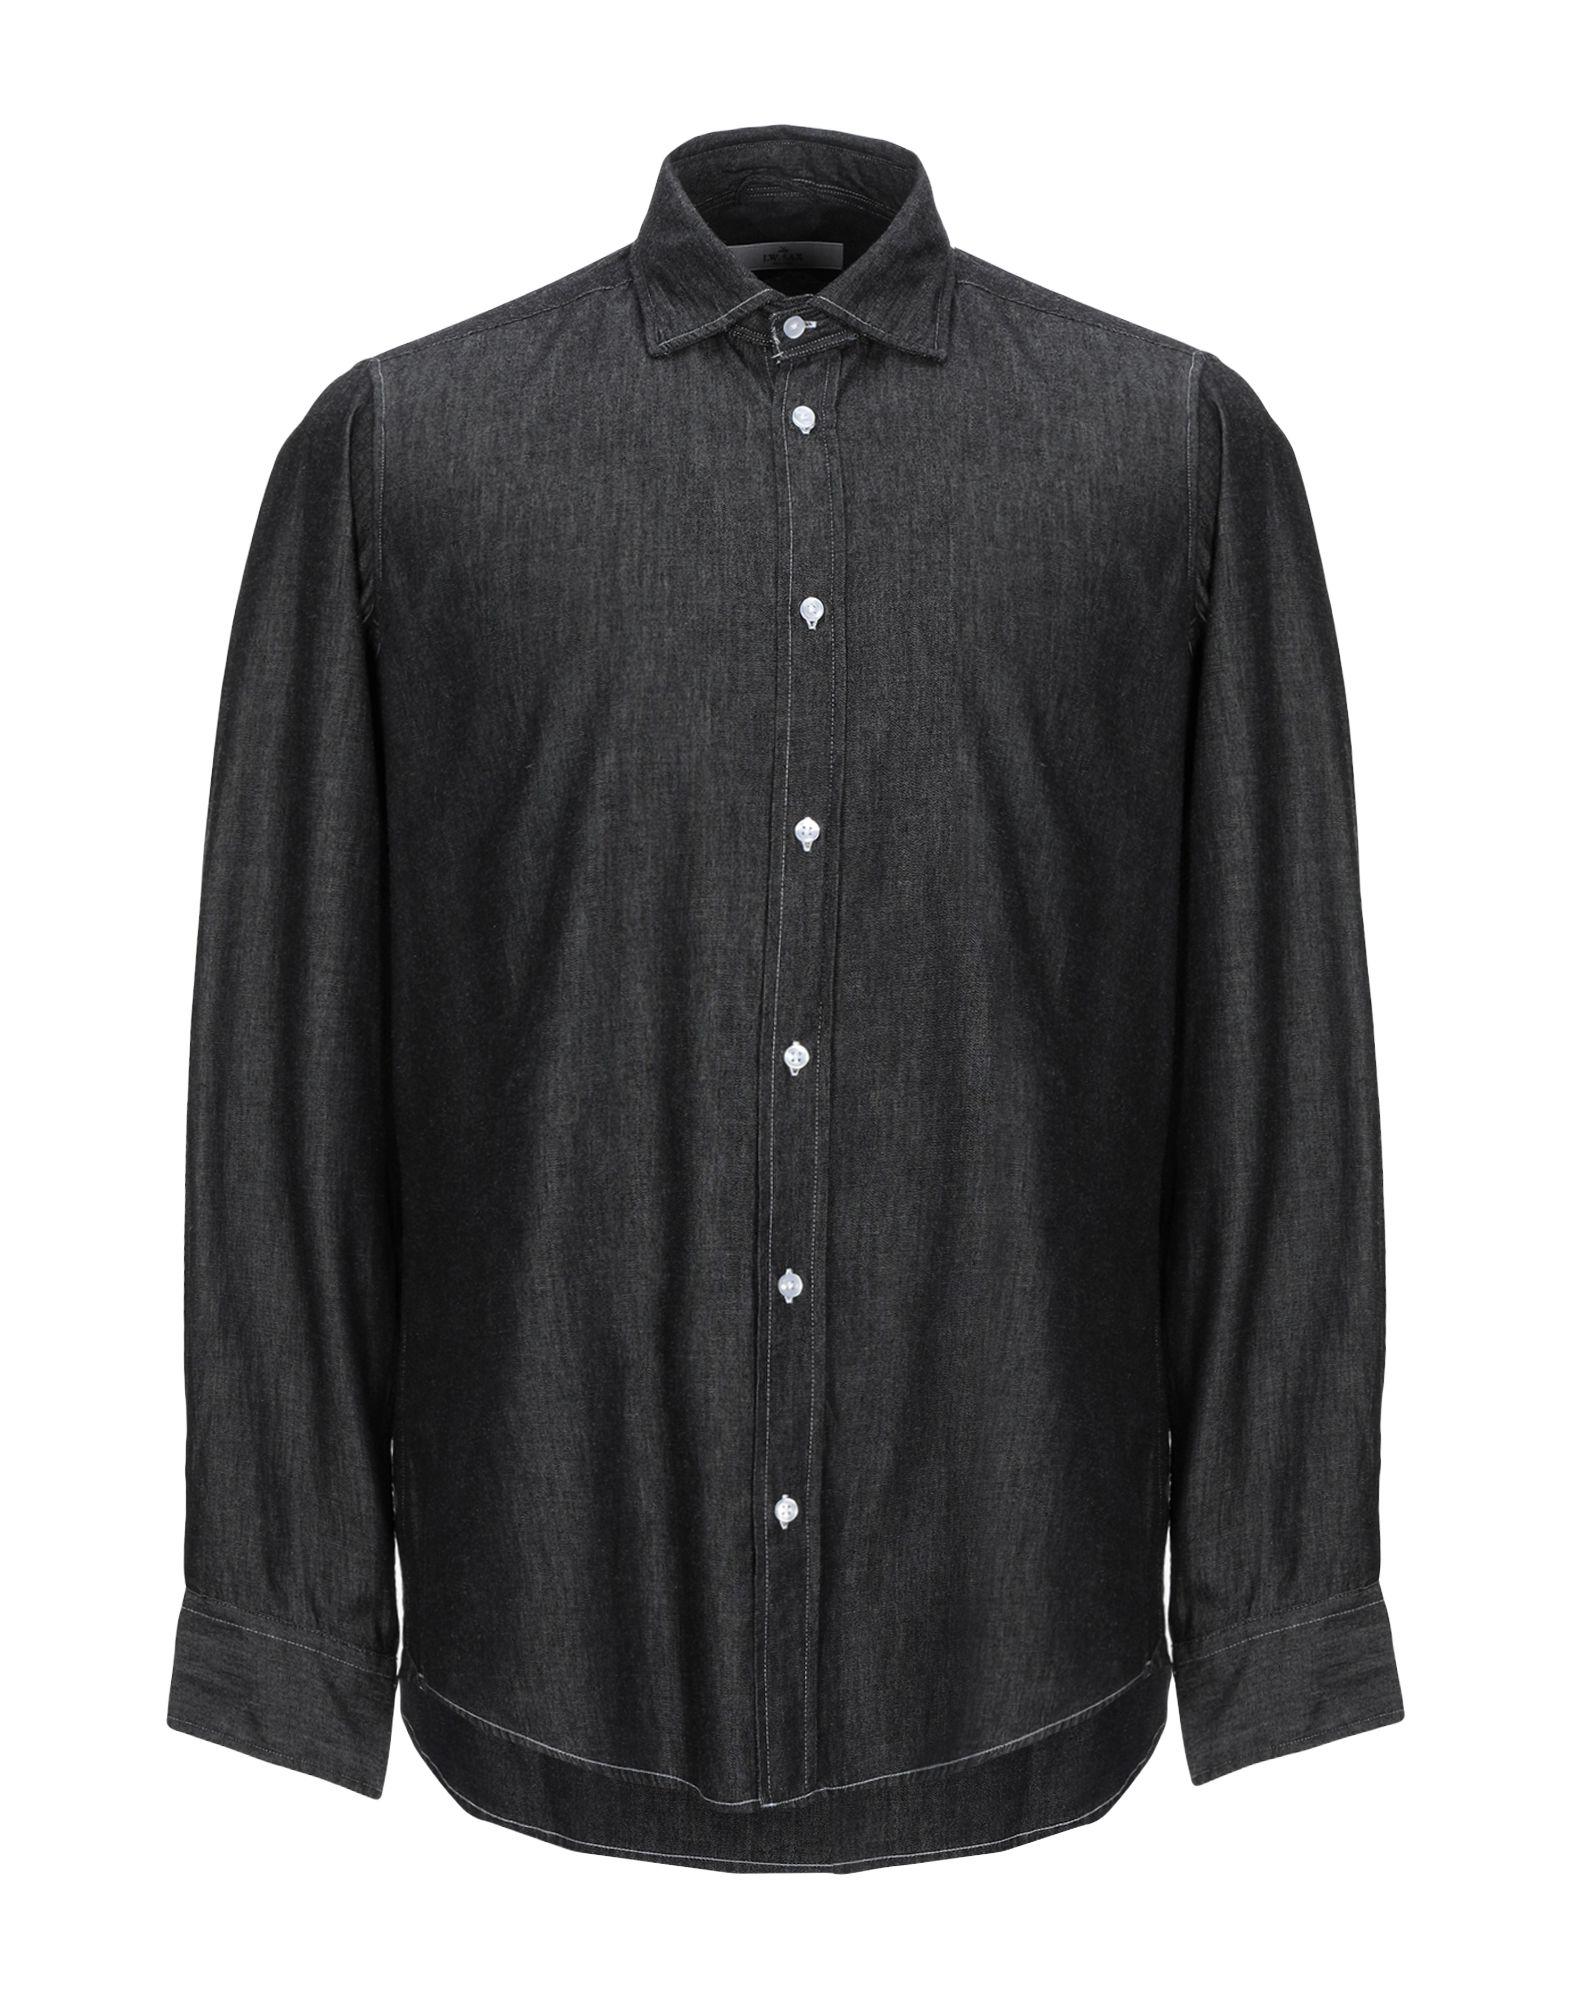 J.W. SAX Milano Джинсовая рубашка j w sax milano бермуды